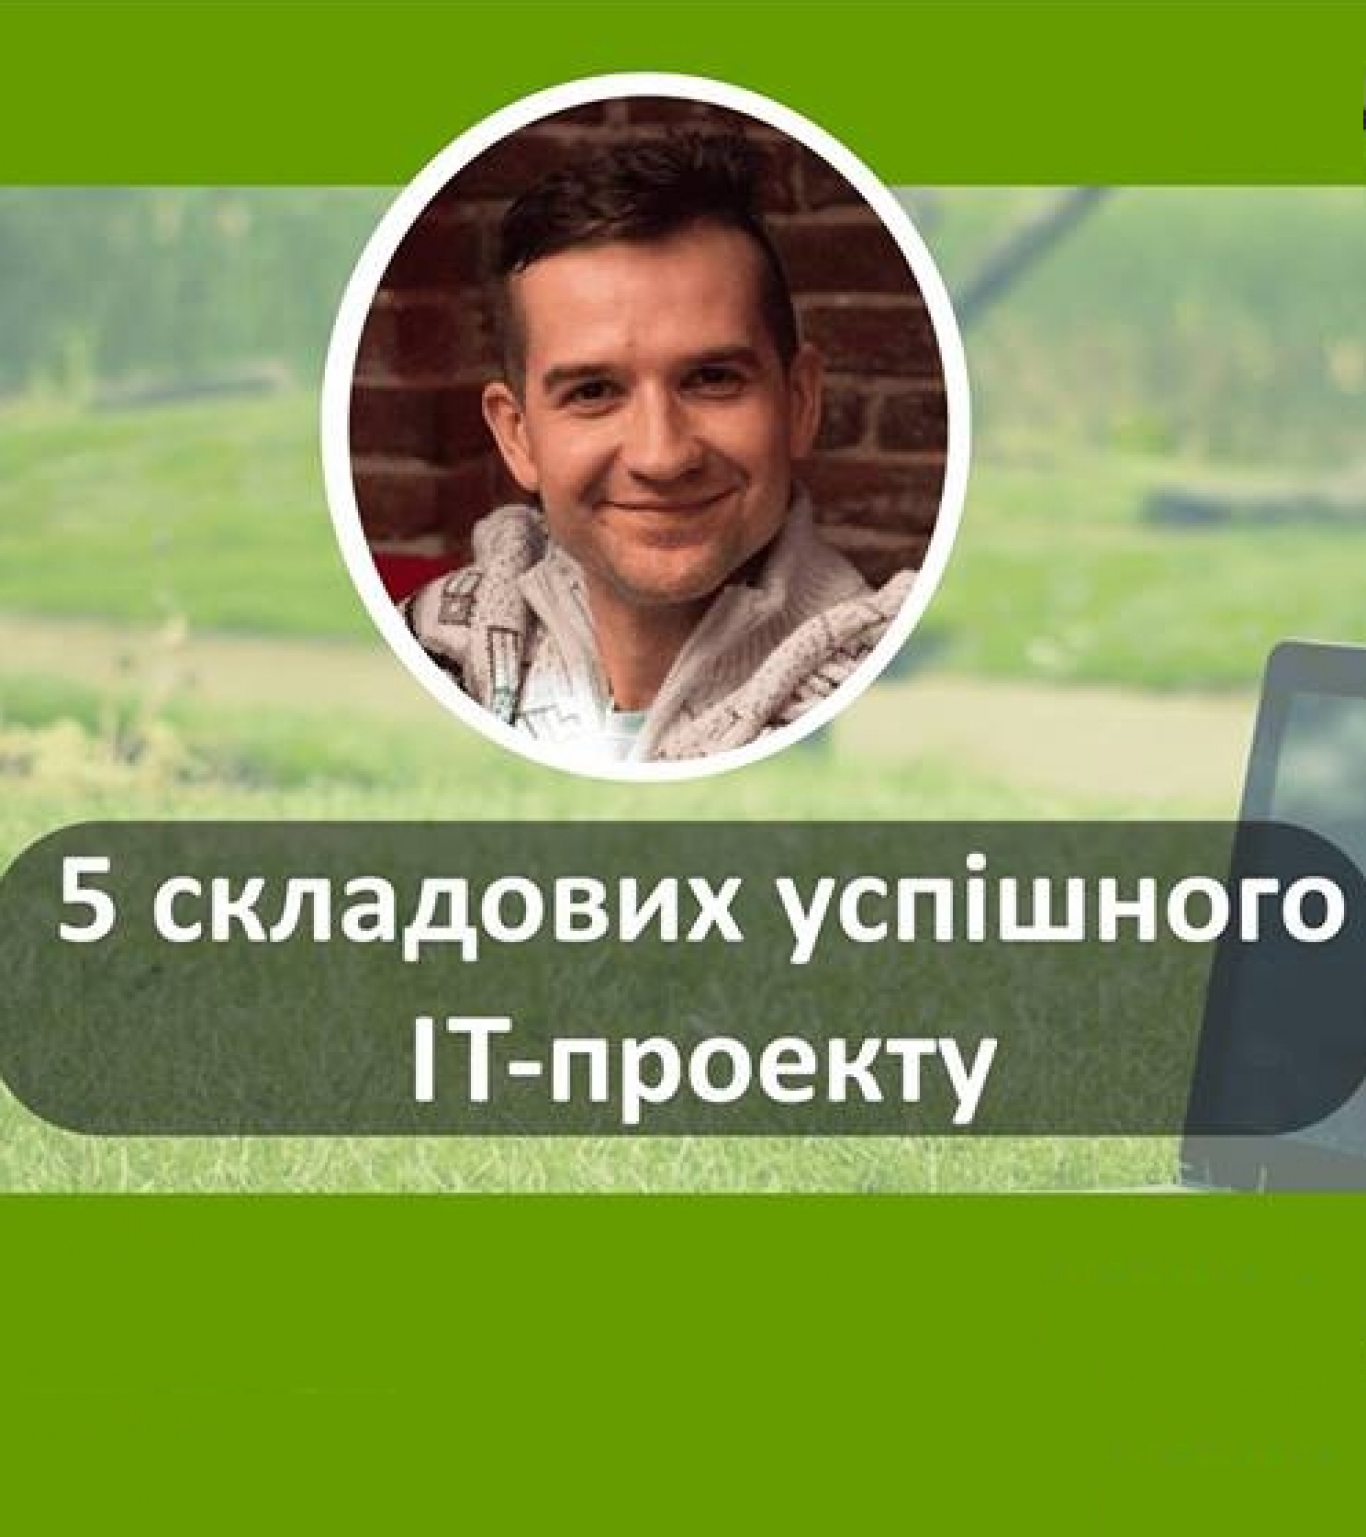 """Практичний івент: """"5 складових успішного IT-проекту"""""""